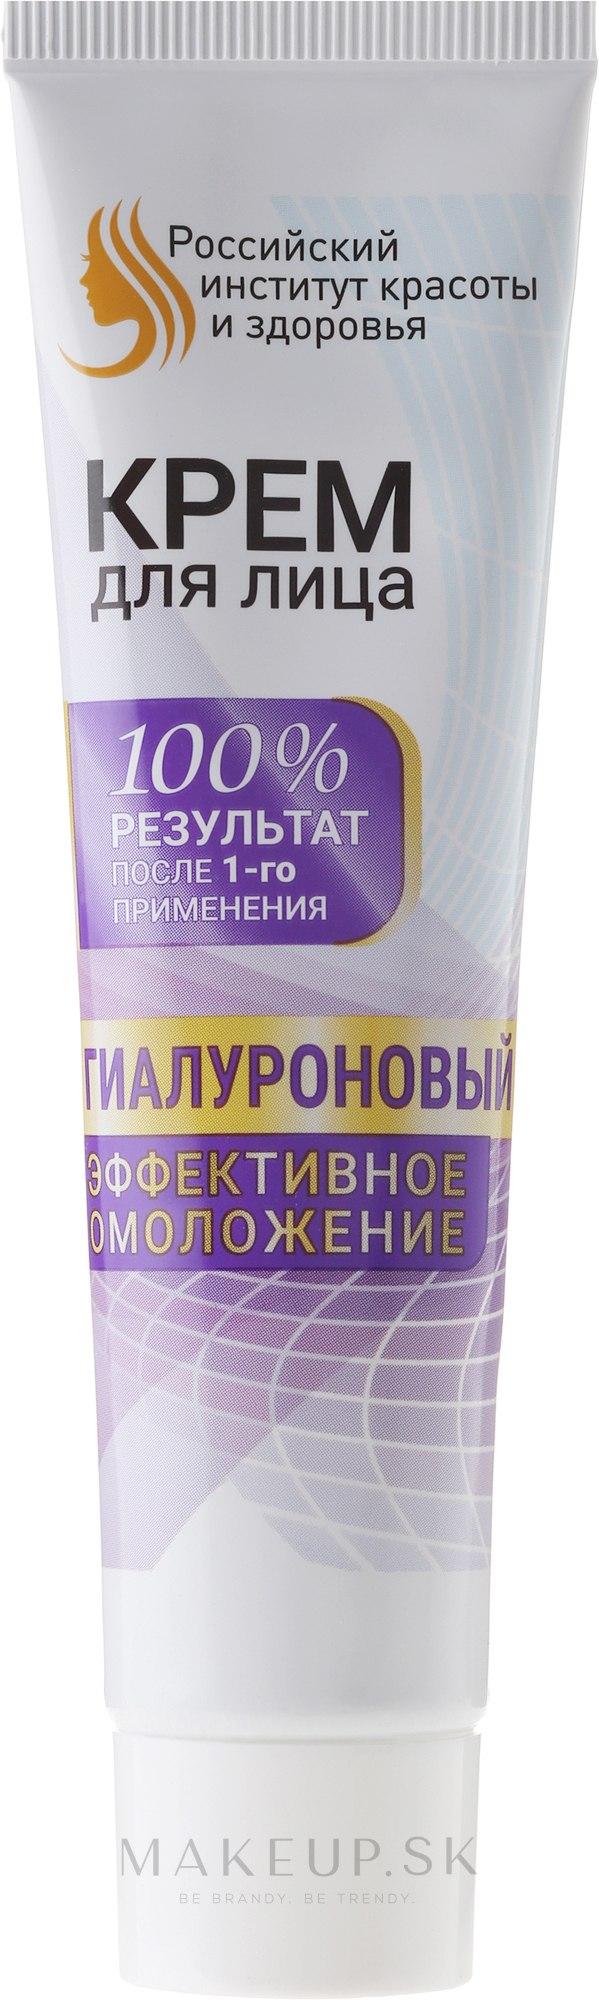 """Krém na tvár hyalurónový """"Efektívne omladenie"""" - Fito Kozmetic — Obrázky 45 ml"""